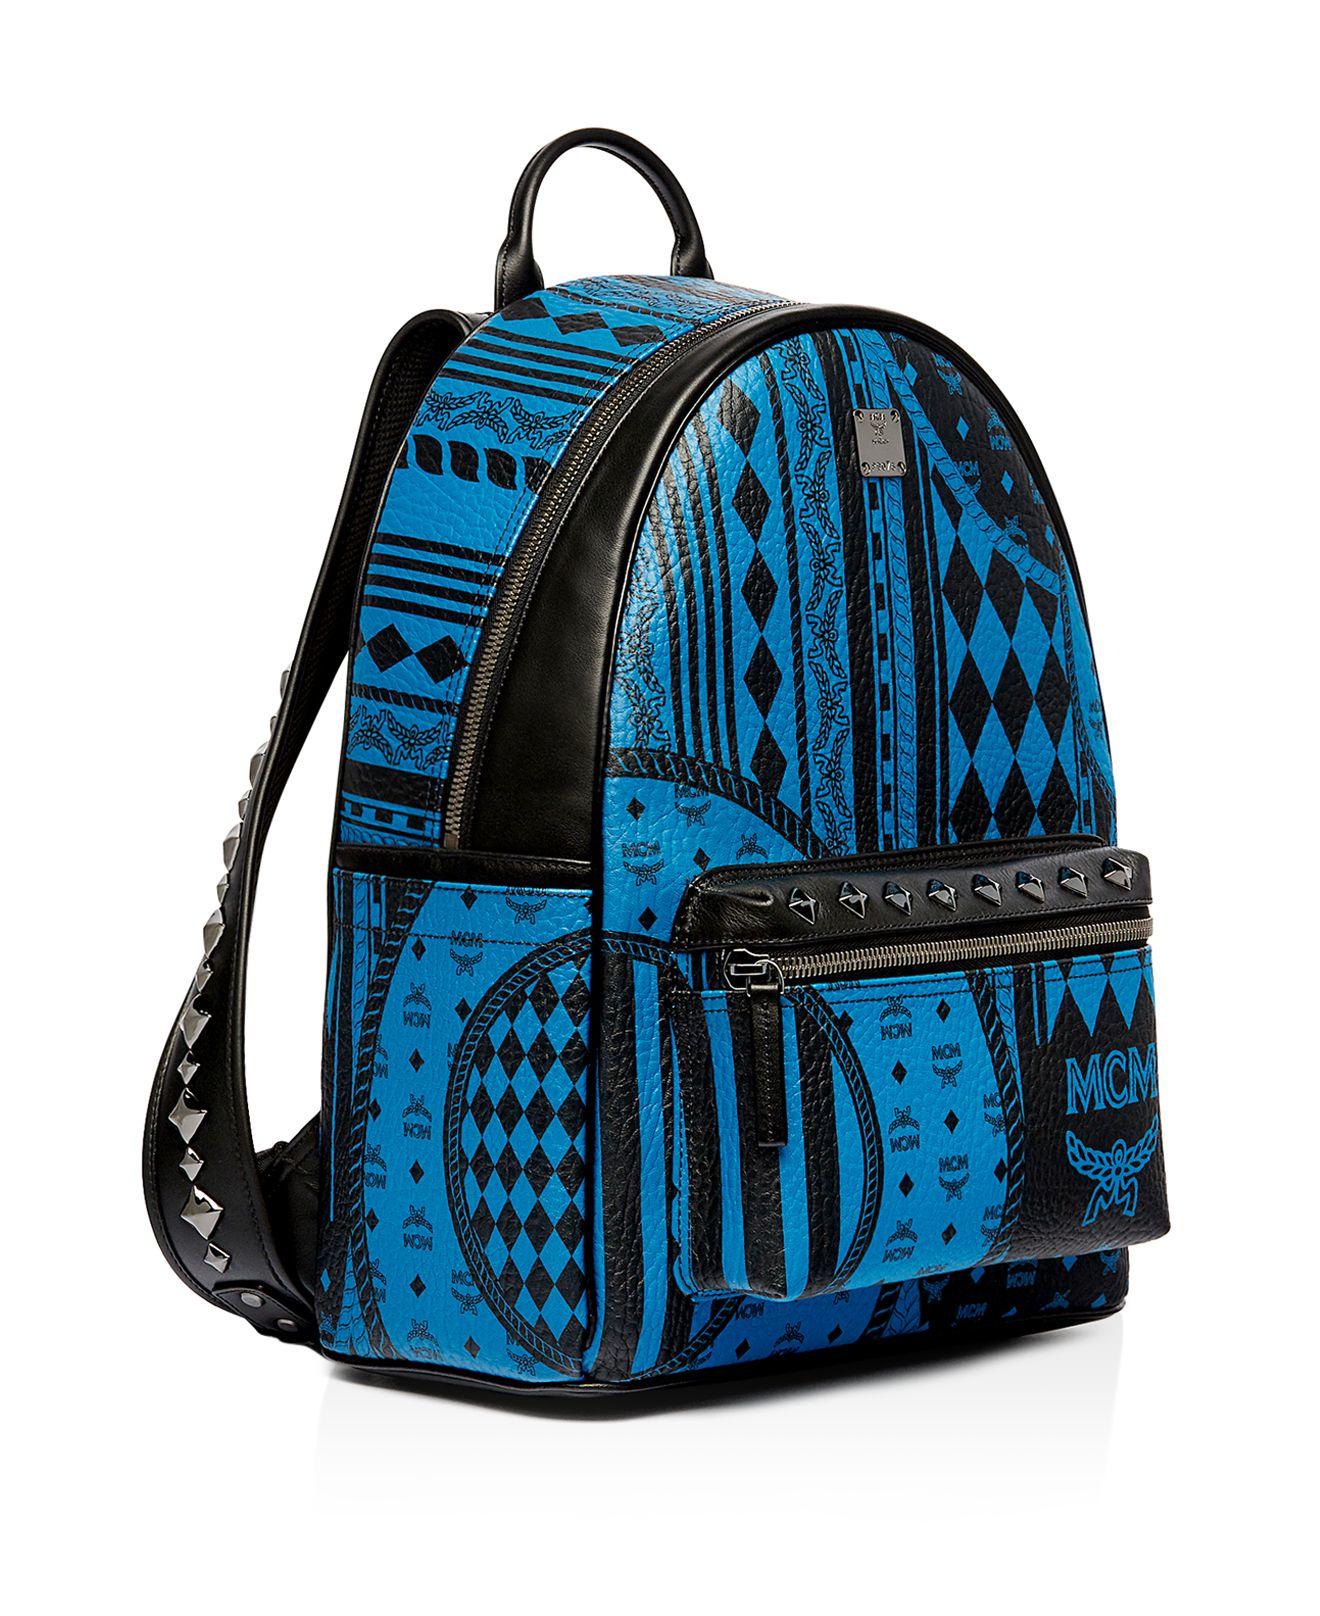 lyst mcm stark baroque print backpack in blue. Black Bedroom Furniture Sets. Home Design Ideas